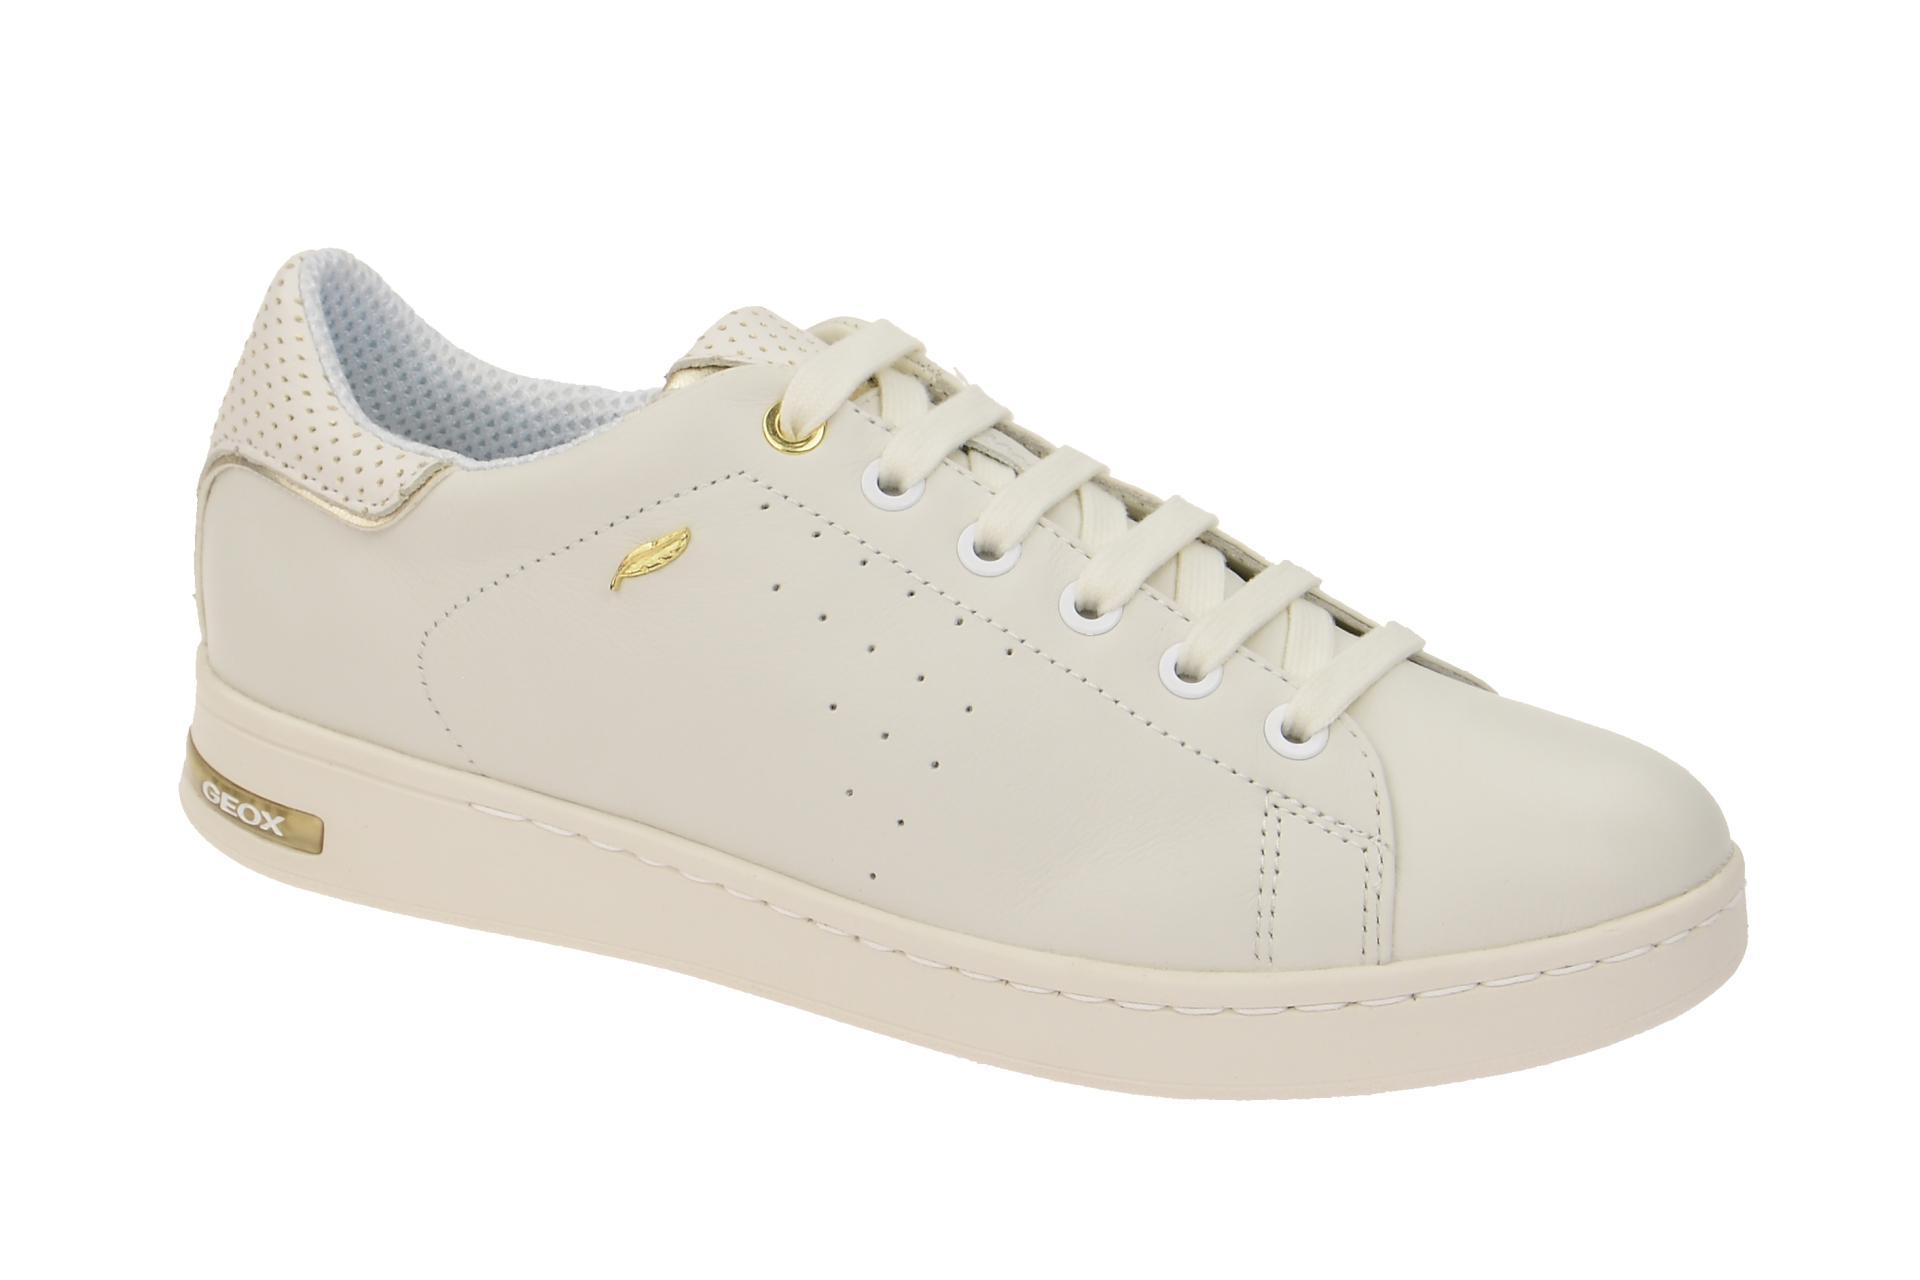 Geox Jaysen A Damen Sneaker in schwarz weiß rlFtu8ImkP